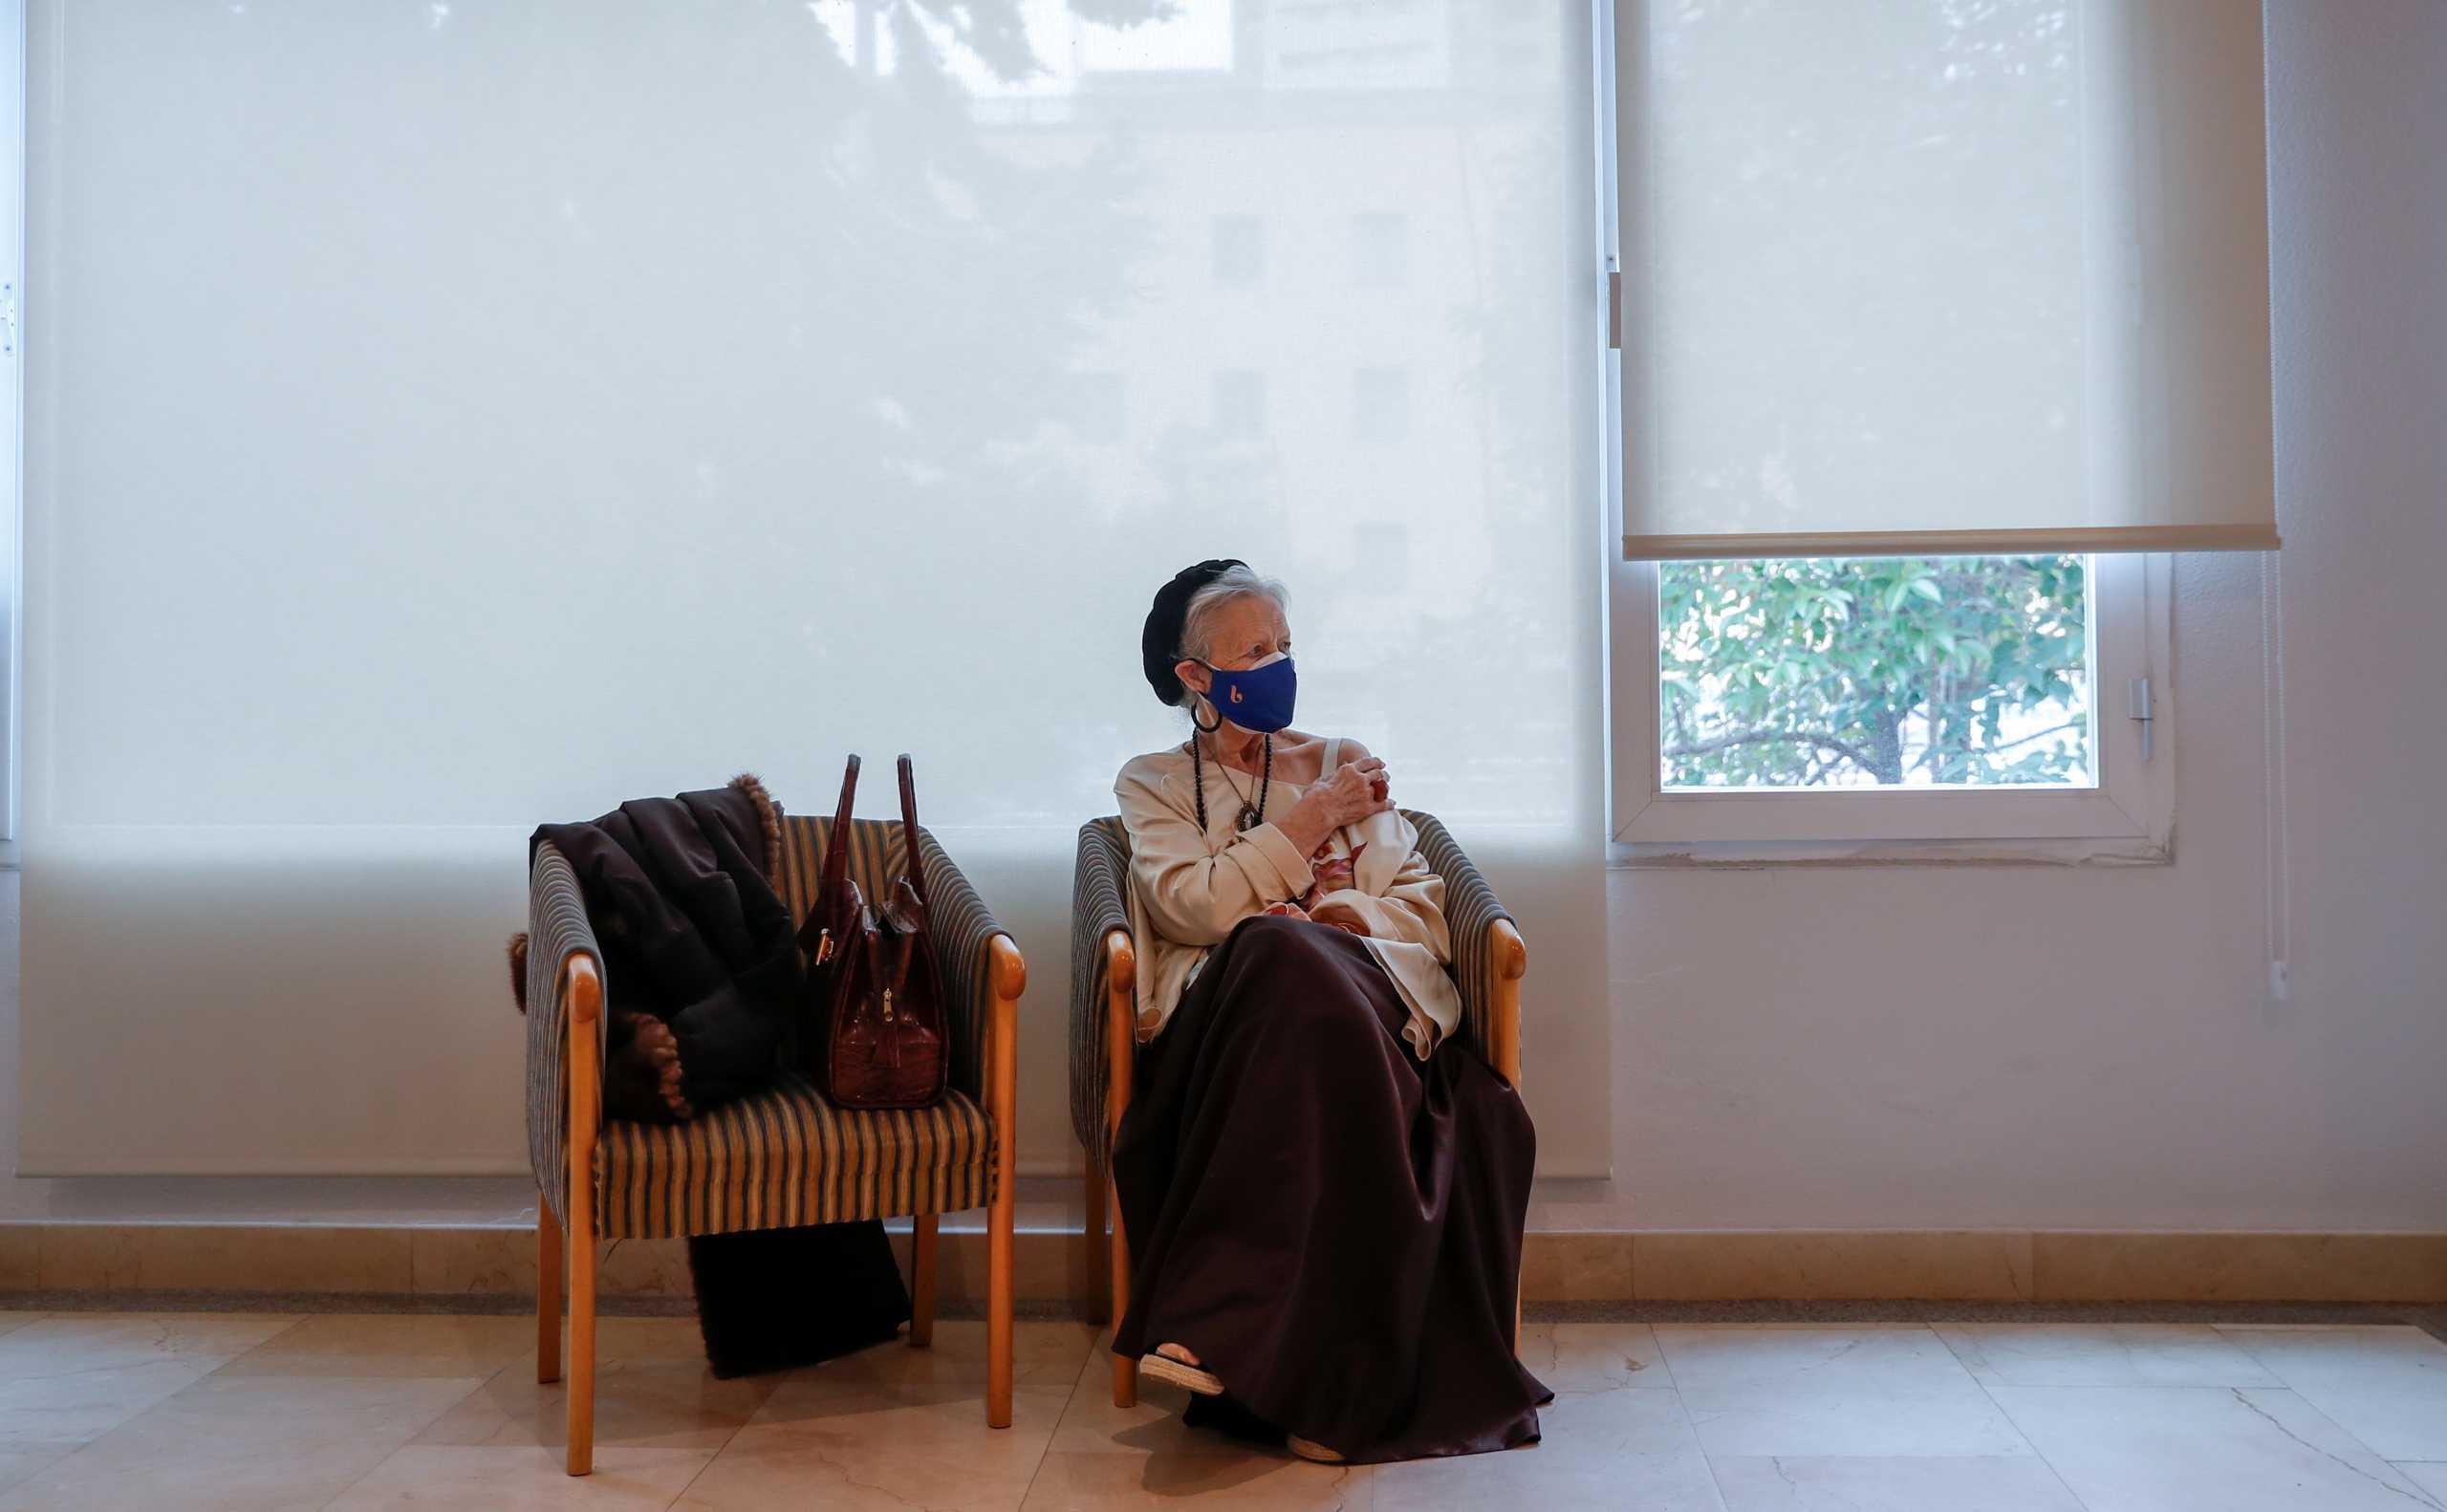 Ισπανία: «Νιώθει θεϊκά» 99χρονη τρόφιμος γηροκομείου μετά τη δεύτερη δόση του εμβολίου